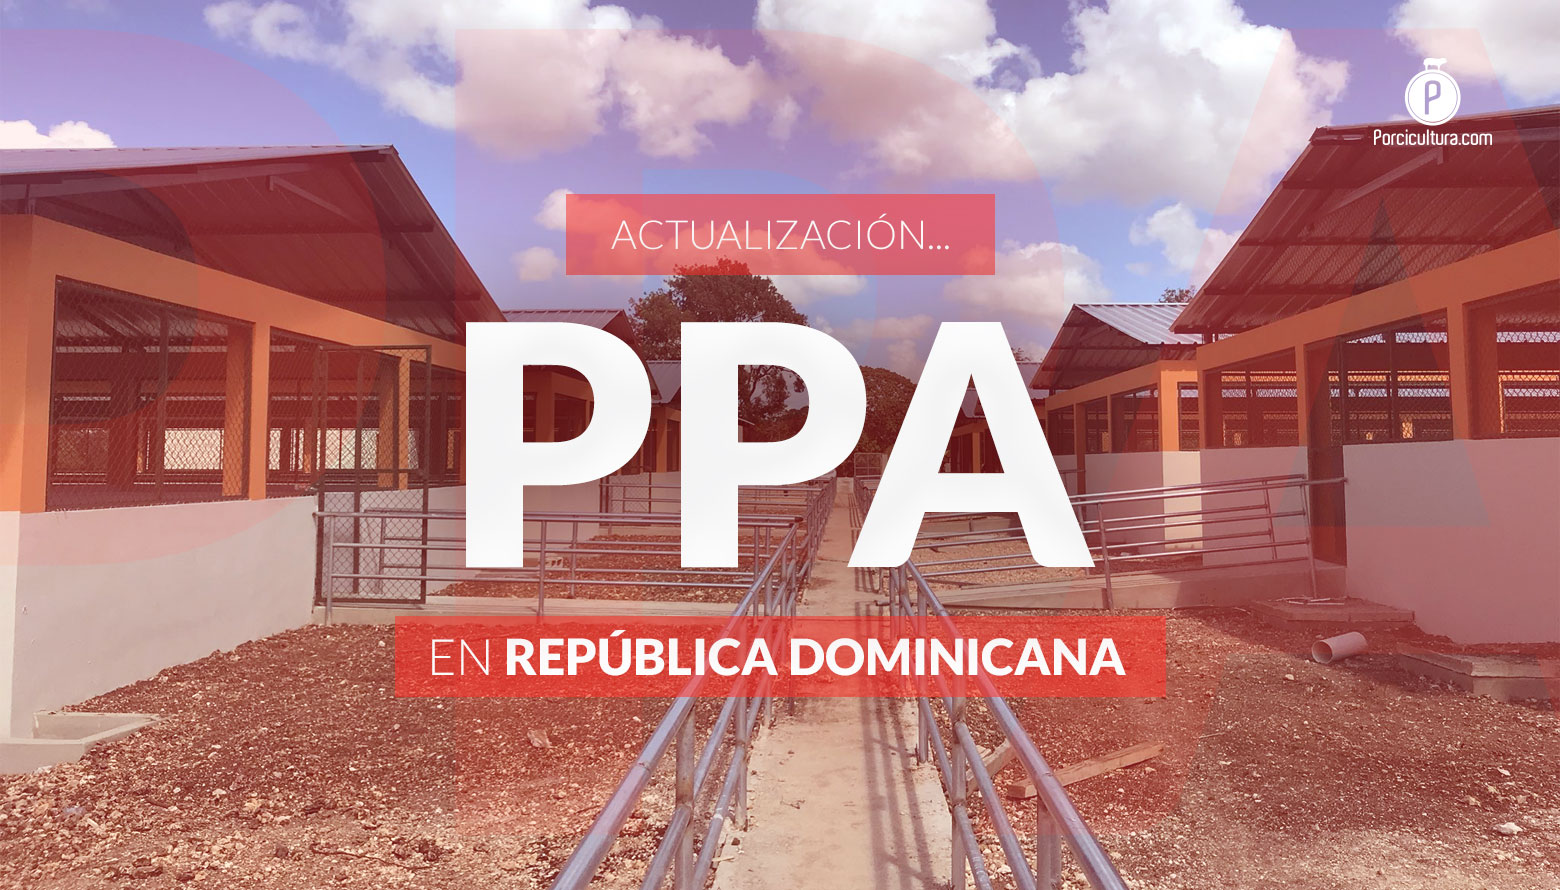 <p>Casi 20,000 cerdos de traspatio susceptibles a PPA en Dominicana; en México se encienden los focos de alerta</p>